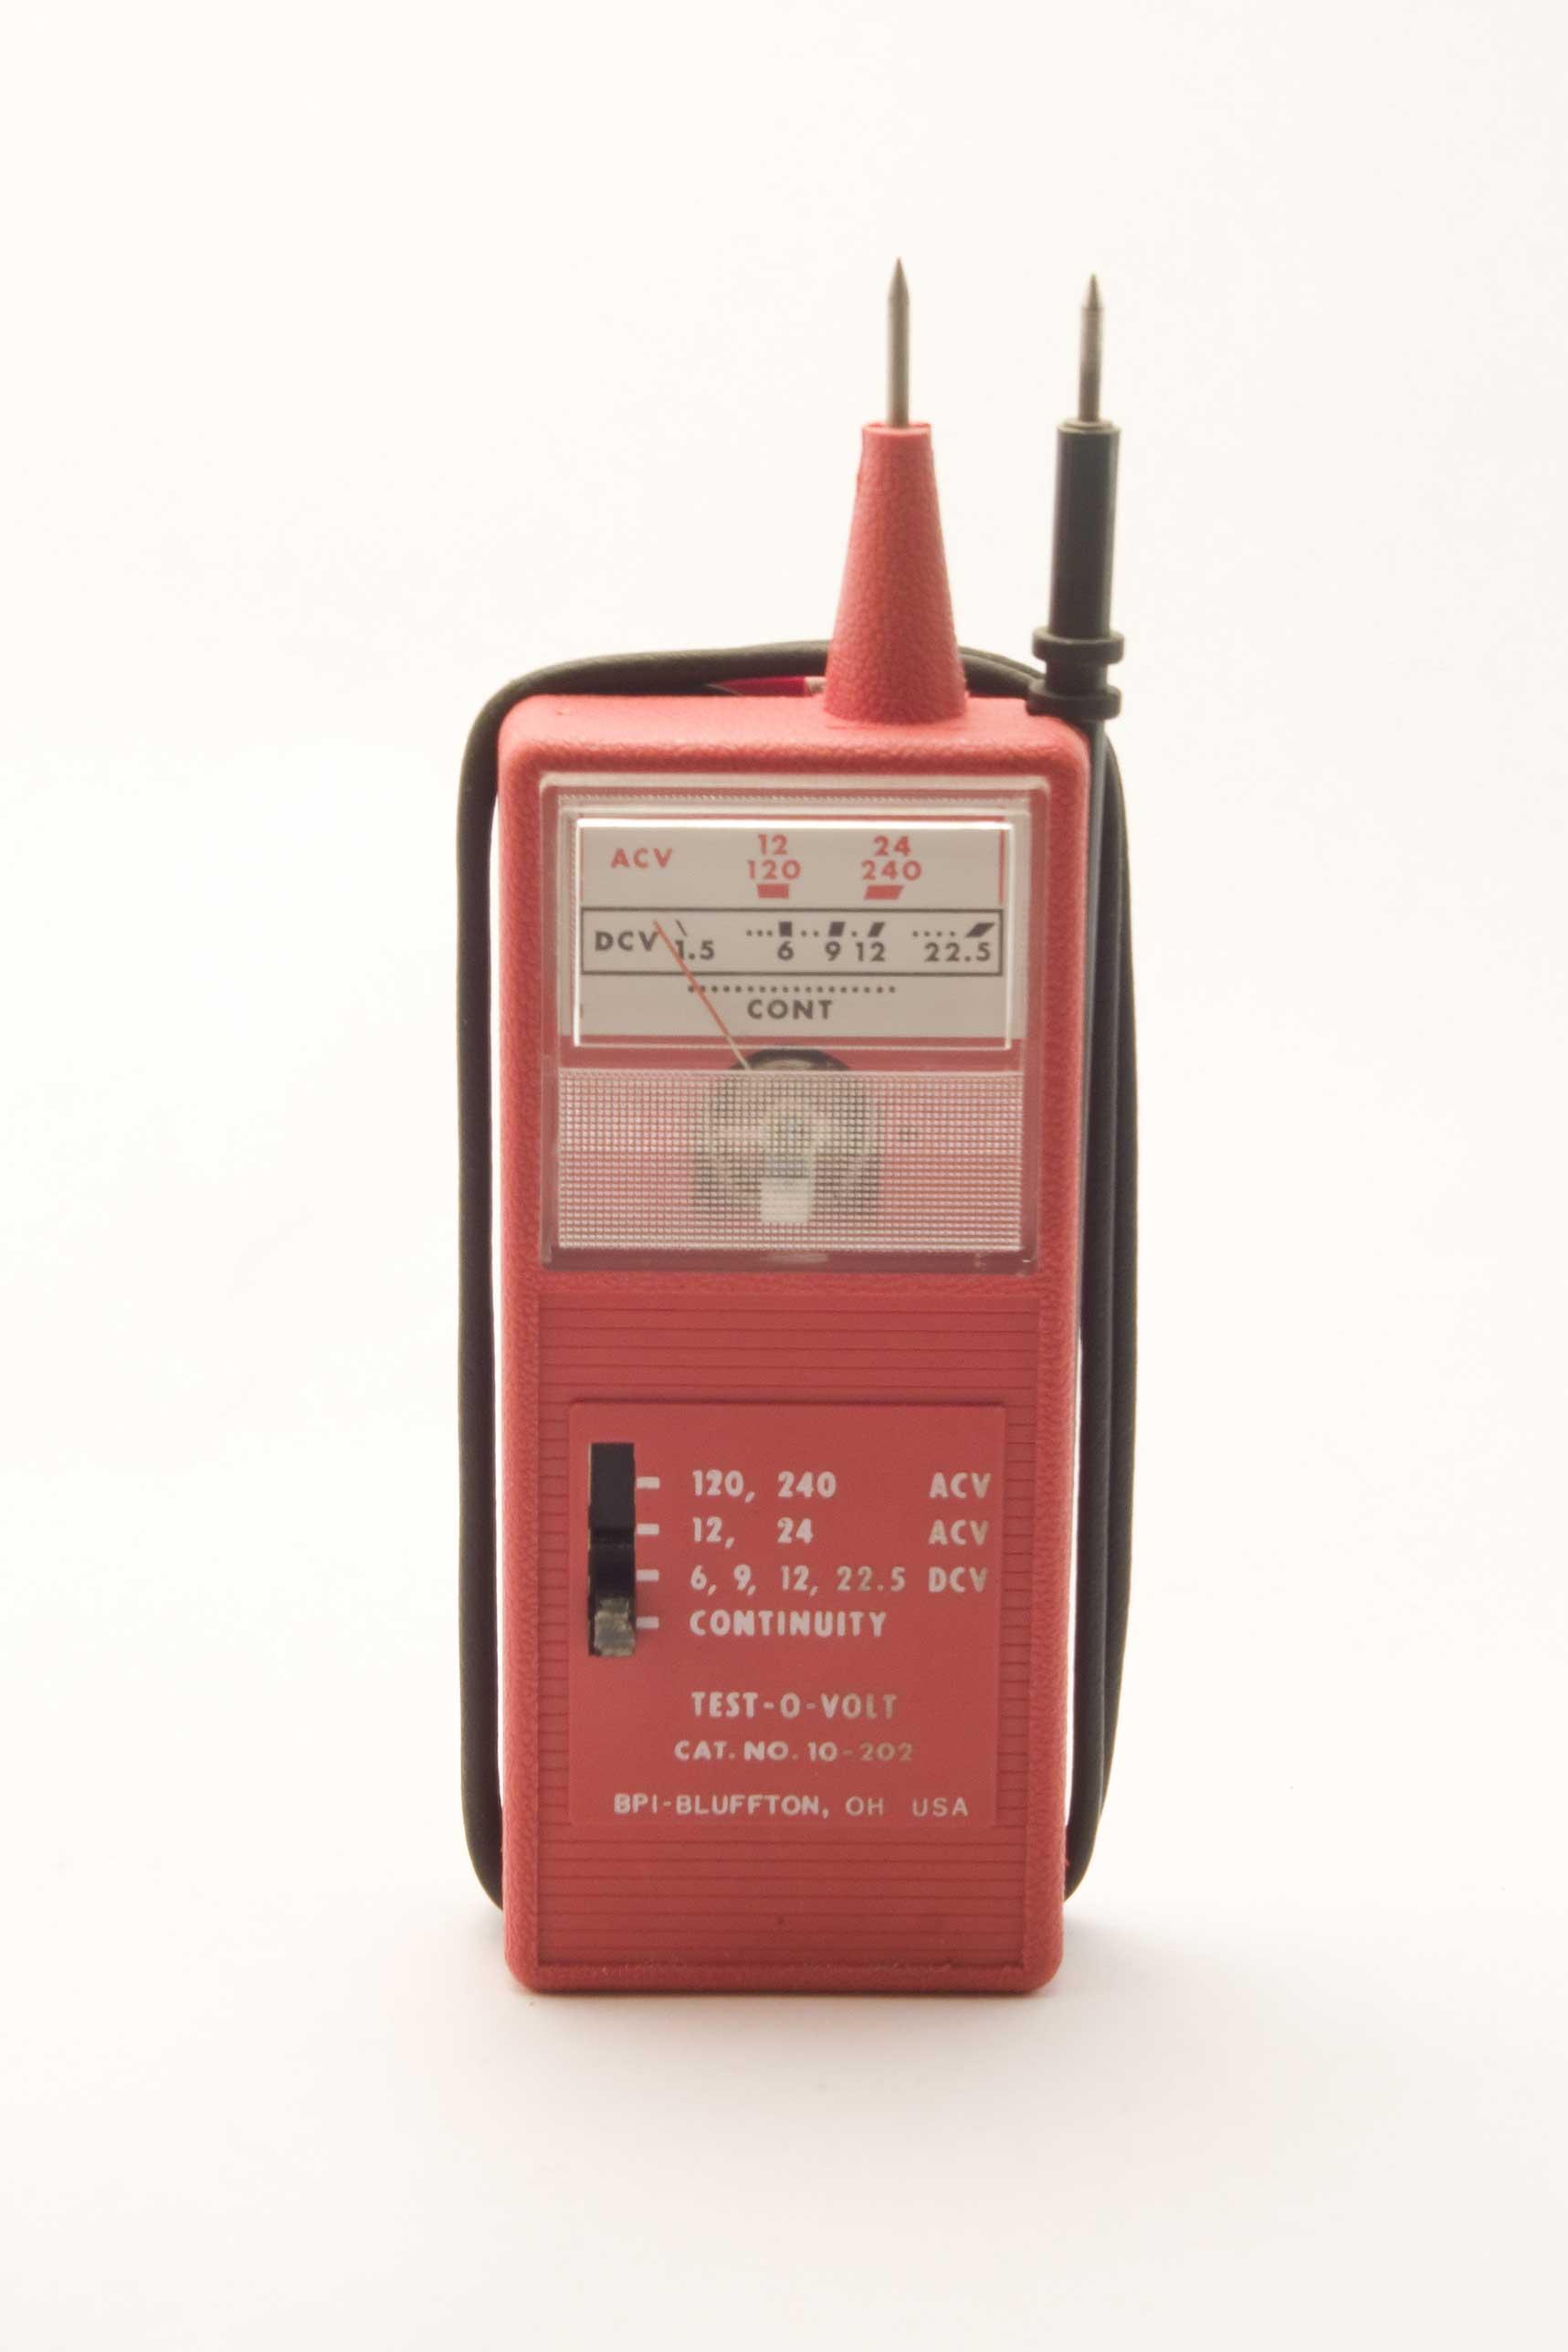 US Patent 4259635